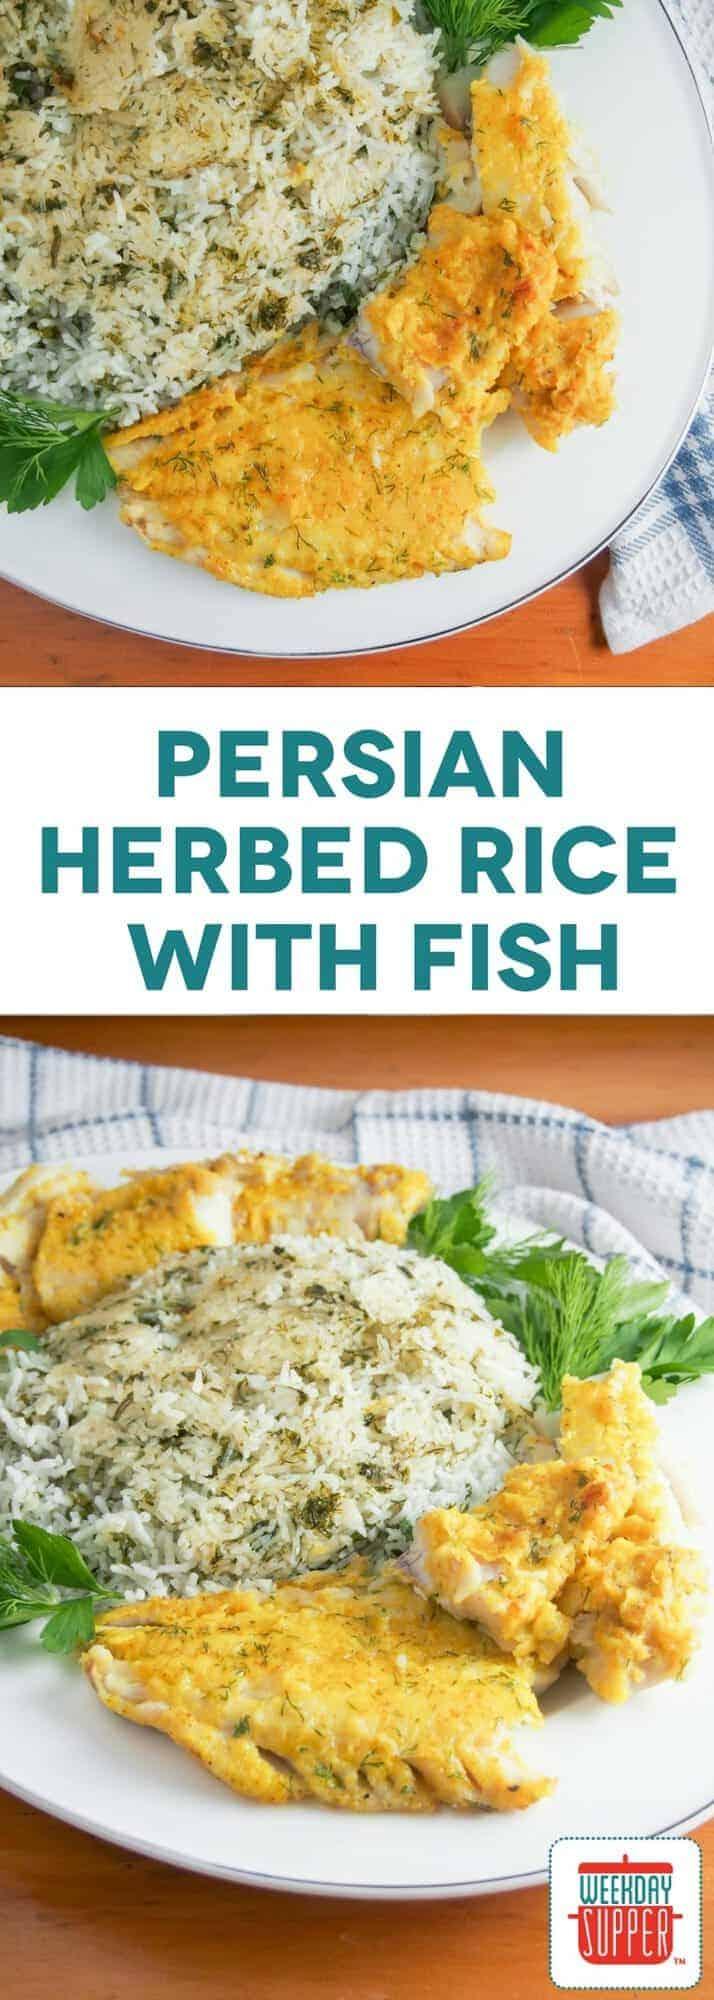 Persian Herb Rice